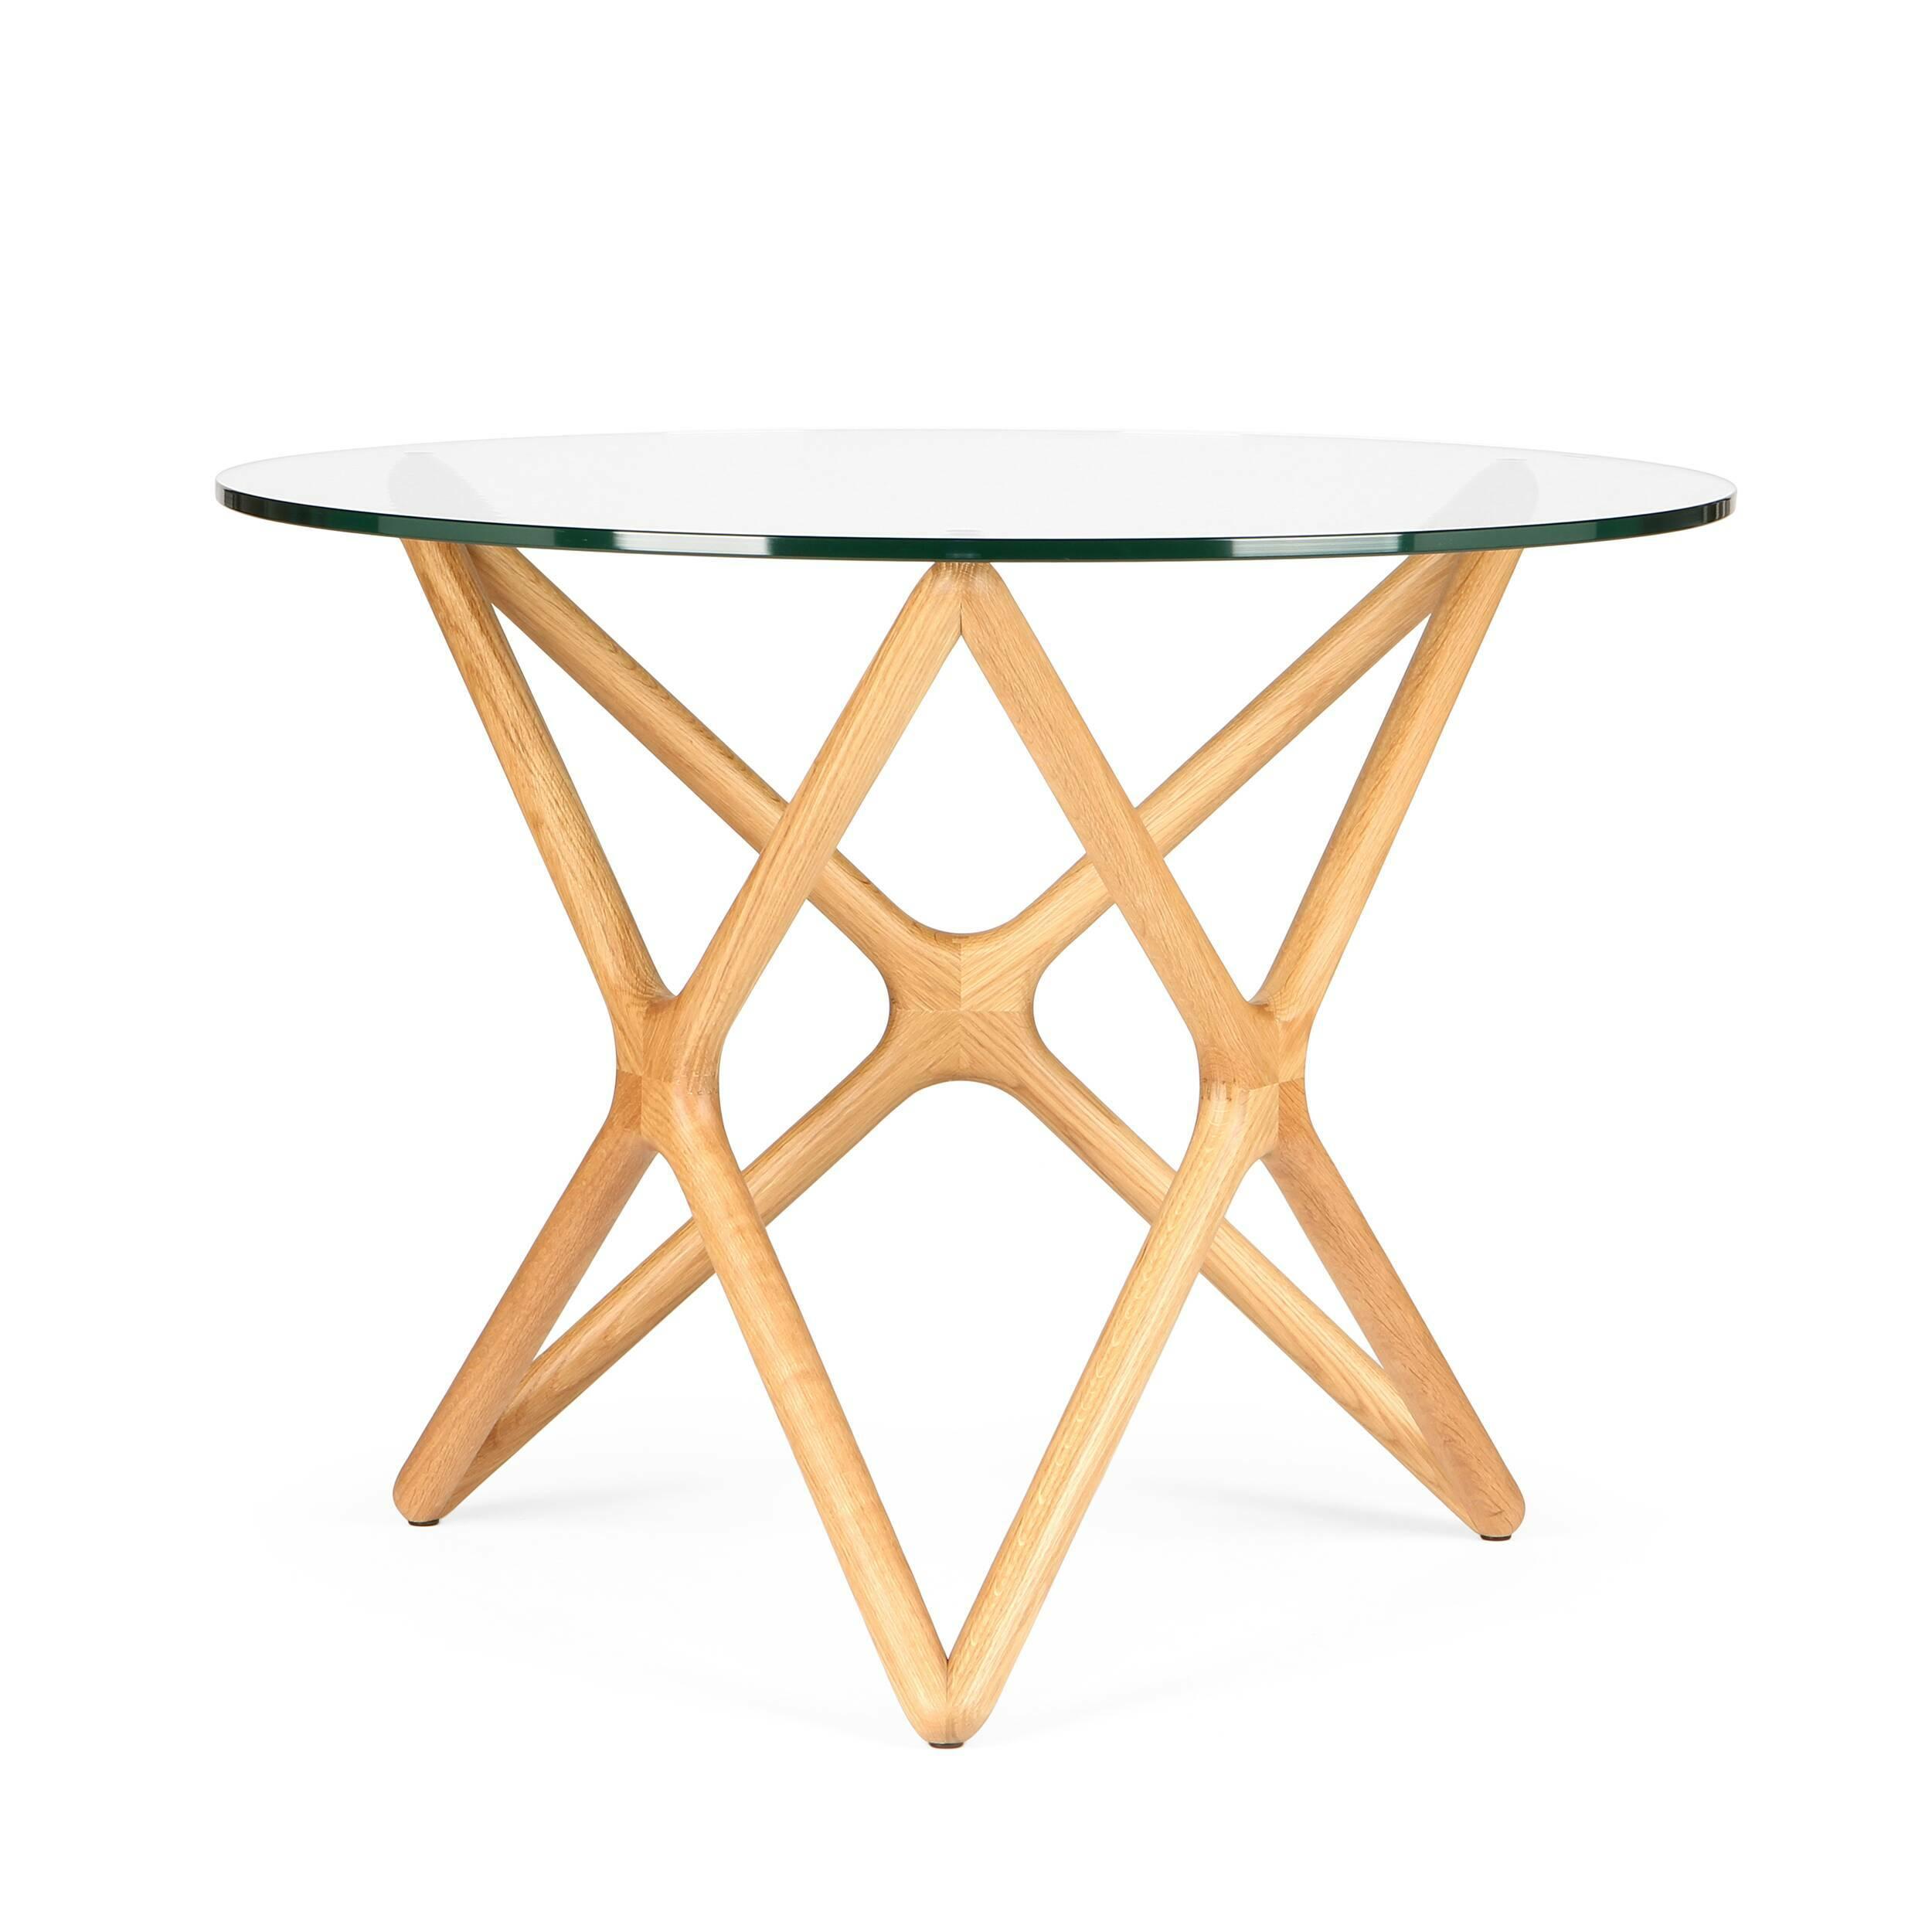 Обеденный стол Triple XОбеденные<br>Дизайнерская креативный обеденный круглый стол Triple X со стеклянной столешницей на деревянных ножках в форме букв X от Cosmo (Космо).Необычная геометрия стола влюбляет в себя с первого взгляда. Кажется, будто живая лиана оплетает стеклянную столешницу. В названии читается особенность конструкции стола. С английского Triple X («Три икс»). Схема конструкции будто составлена из трех английских букв X, циклично соединенных между собой. Сверху же ножки выглядят как пятиконечная звезда. Если смот...<br><br>stock: 2<br>Высота: 75<br>Диаметр: 100<br>Цвет ножек: Белый дуб<br>Цвет столешницы: Прозрачный<br>Материал ножек: Массив дуба<br>Тип материала столешницы: Стекло закаленное<br>Тип материала ножек: Дерево